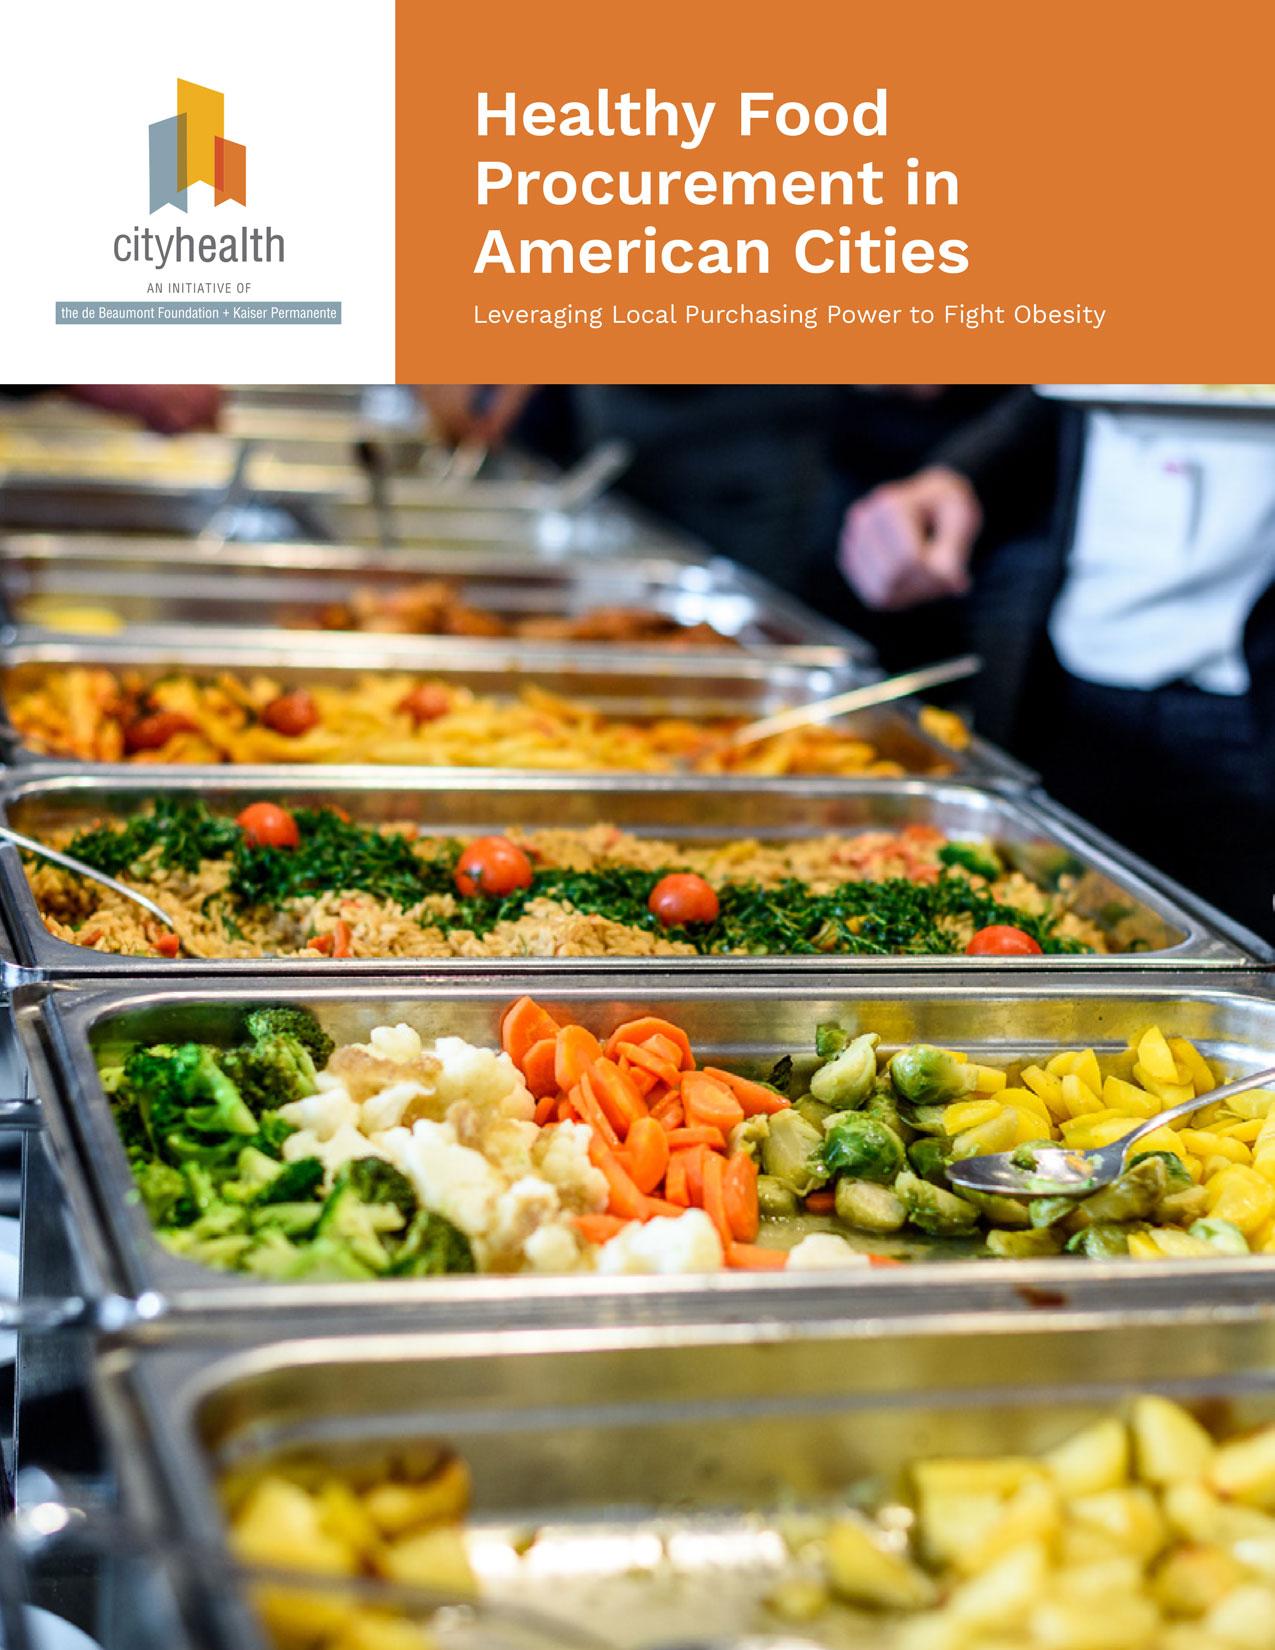 Healthy Procurement in American Cities ; October 2019